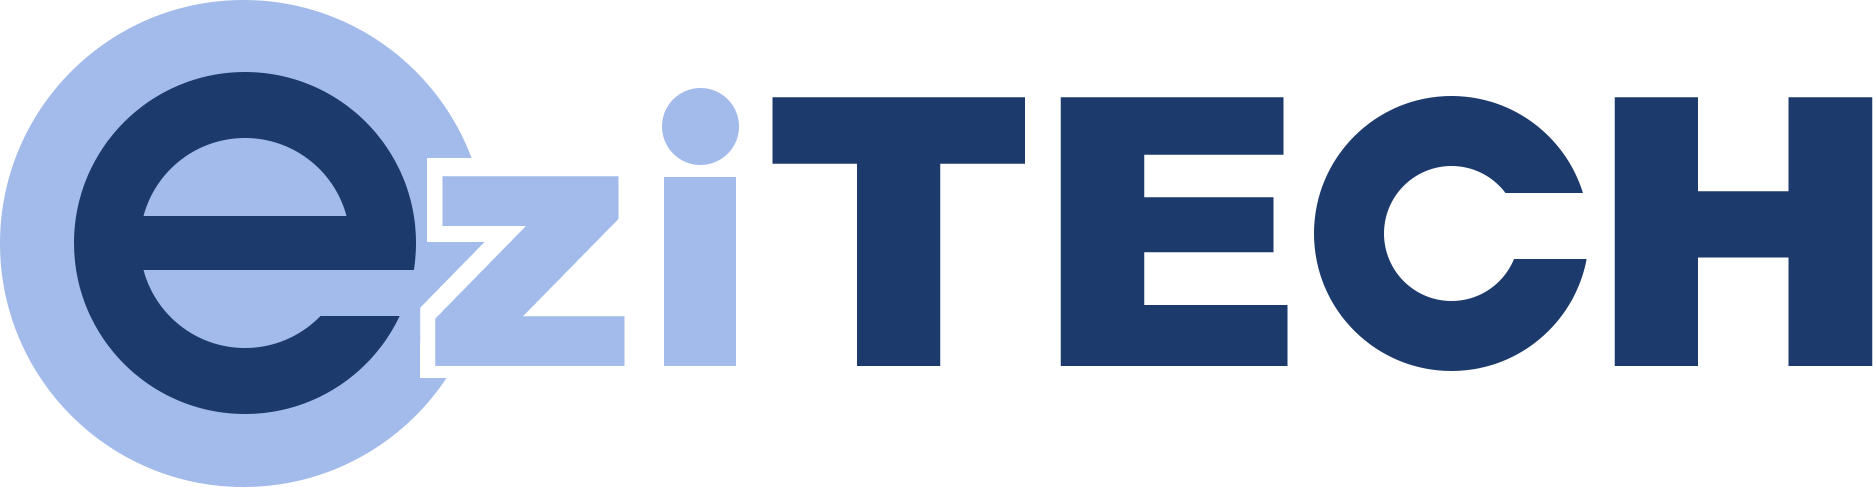 EziTech